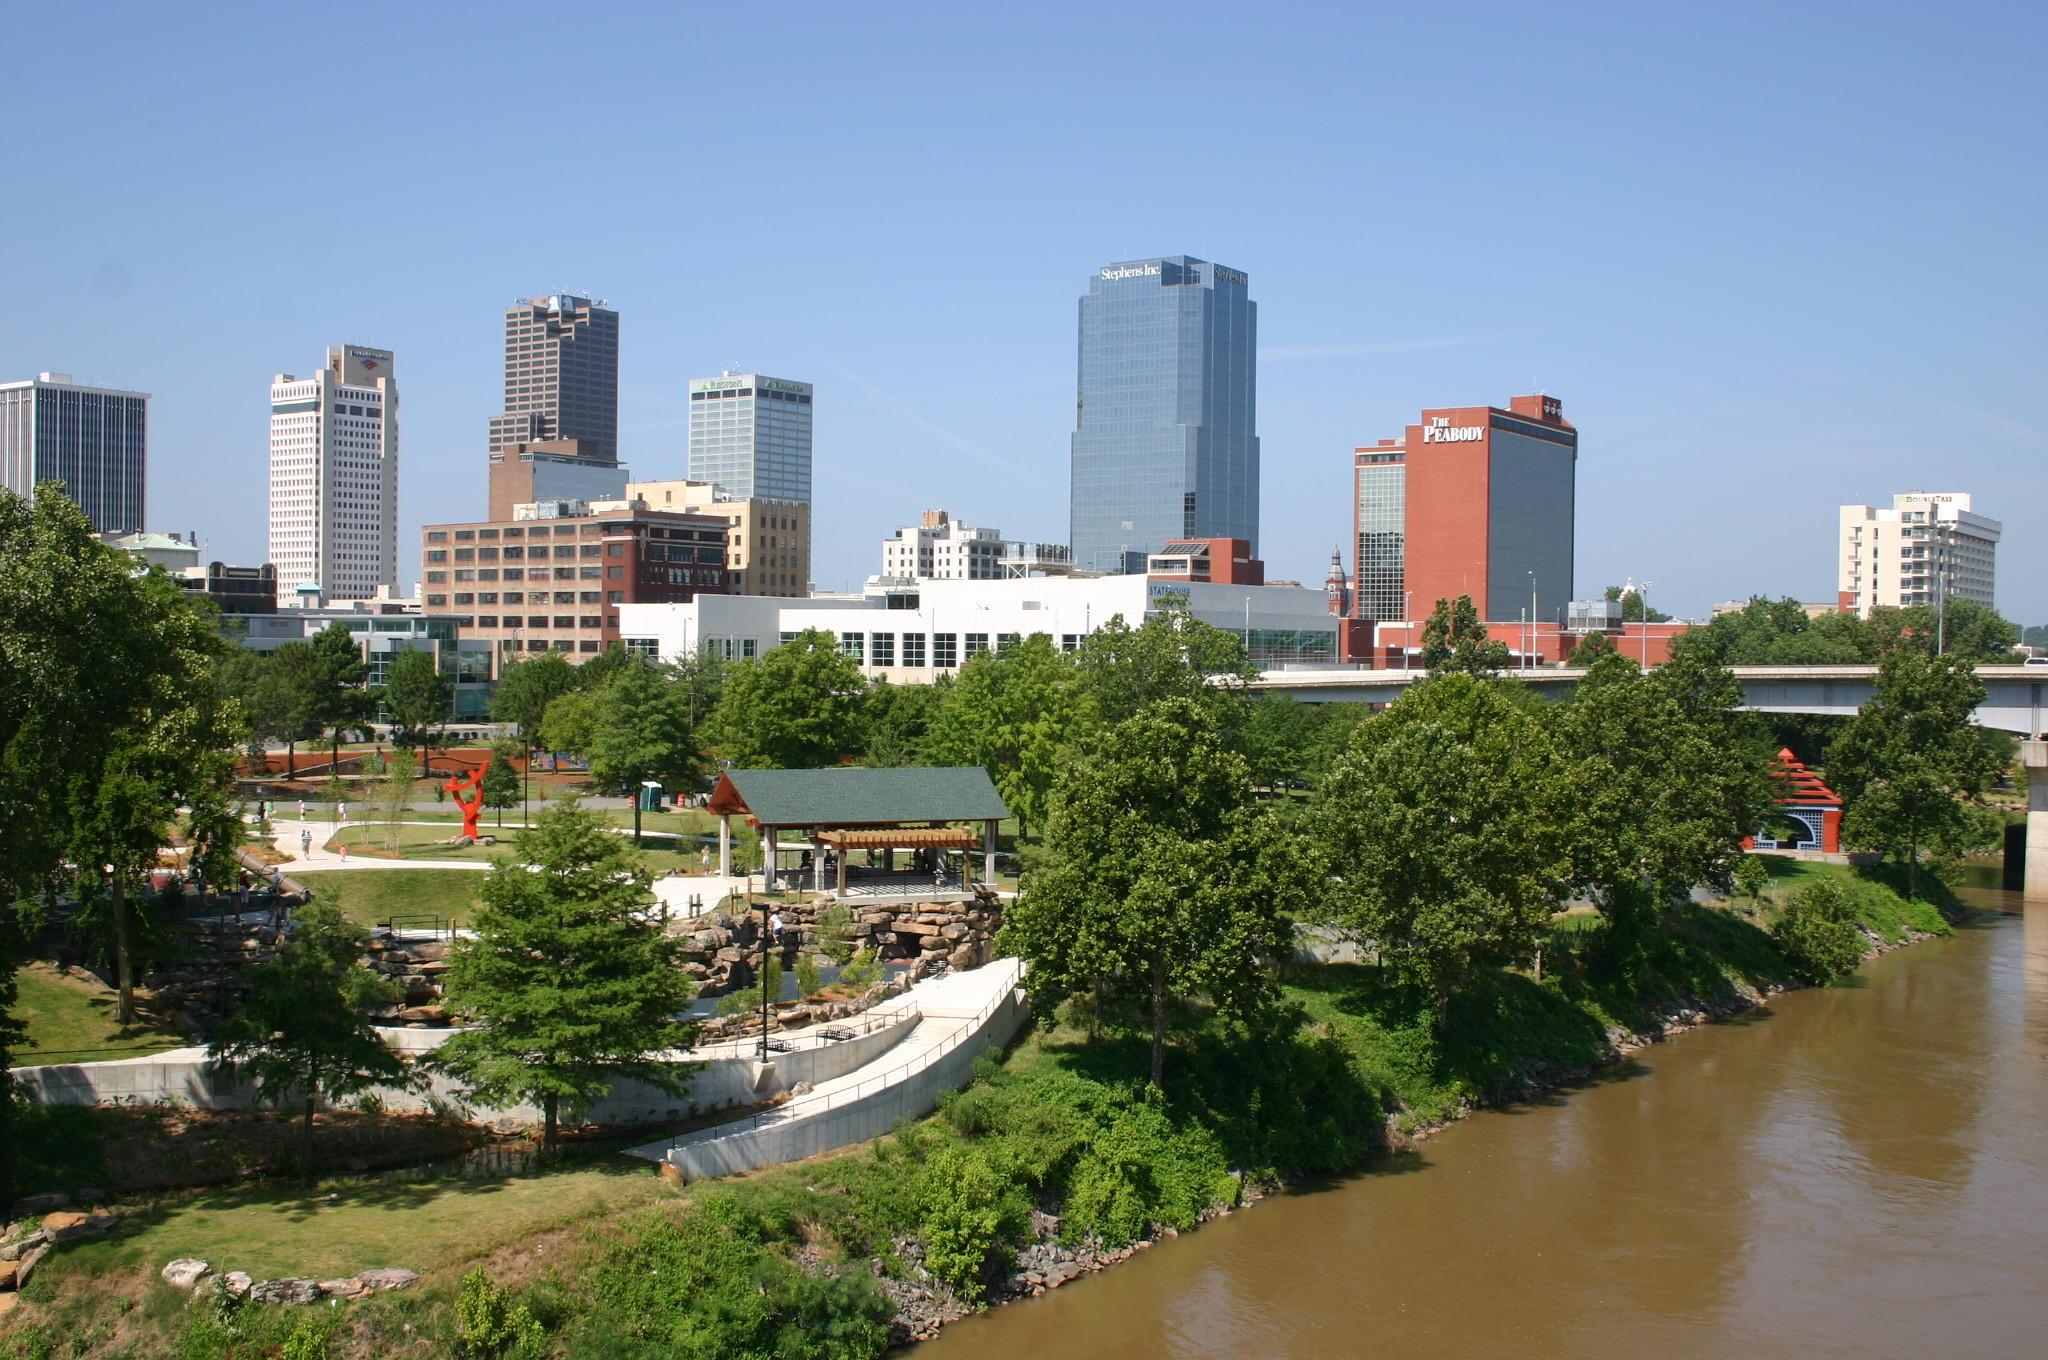 Little Rock Arkansas | İmages